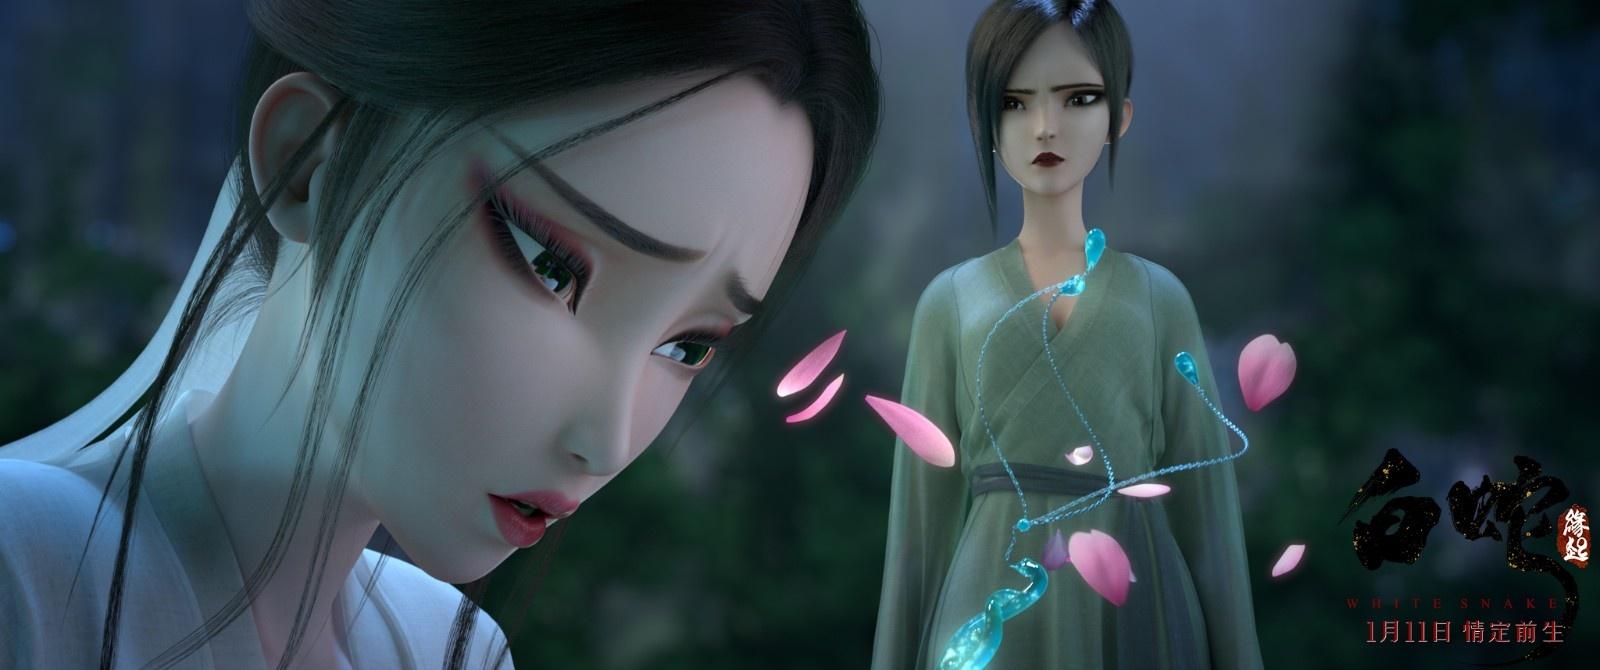 《白蛇:缘宗》开展超前点映 揭晓白娘儿子前世酷爱